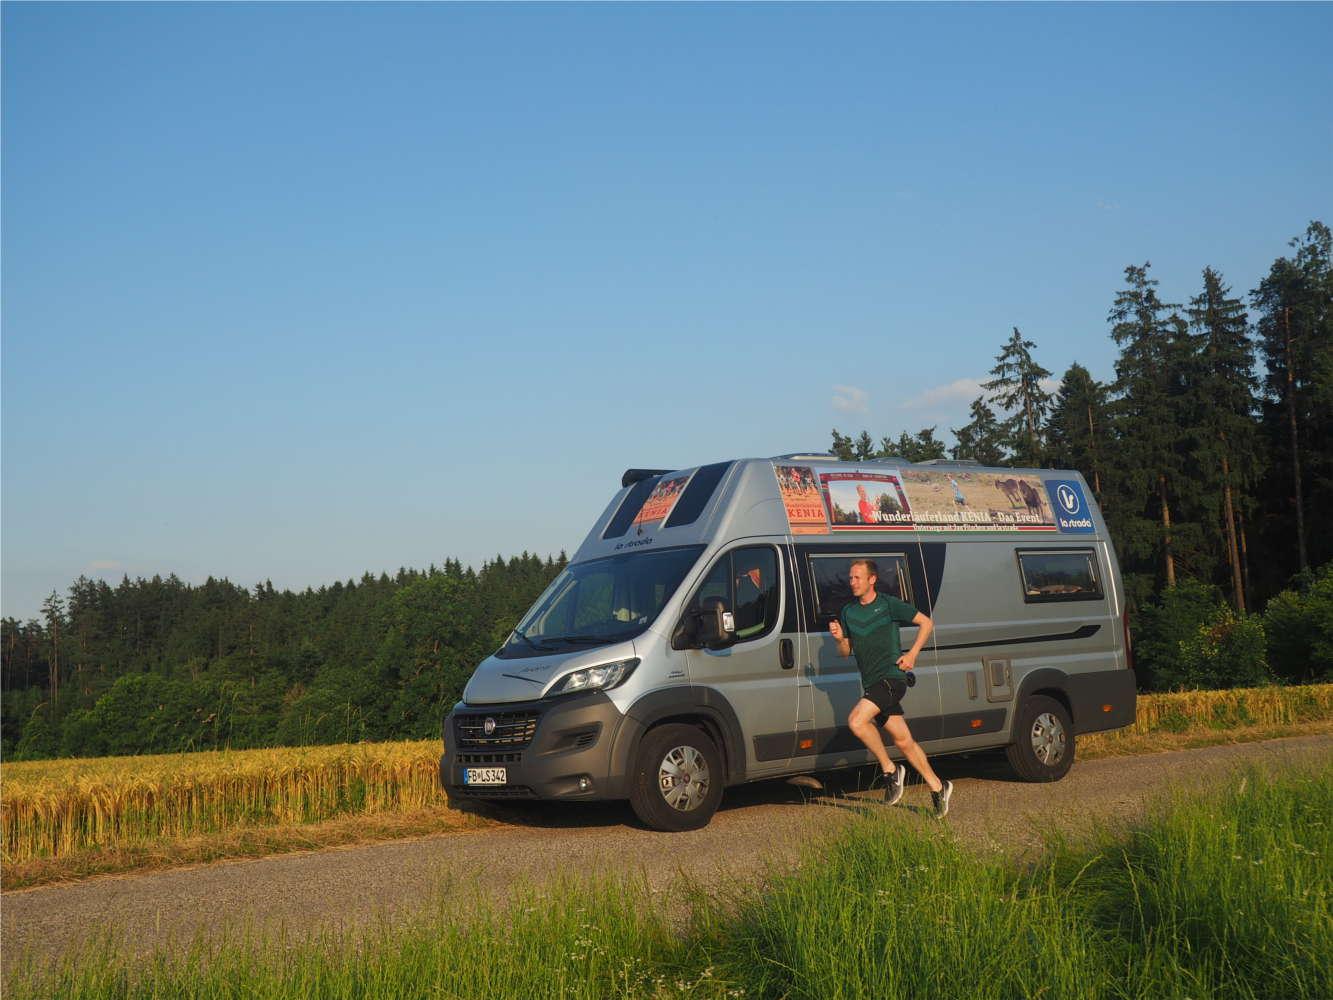 Jan Fitschen vor seinem Wohnmobil in der Natur